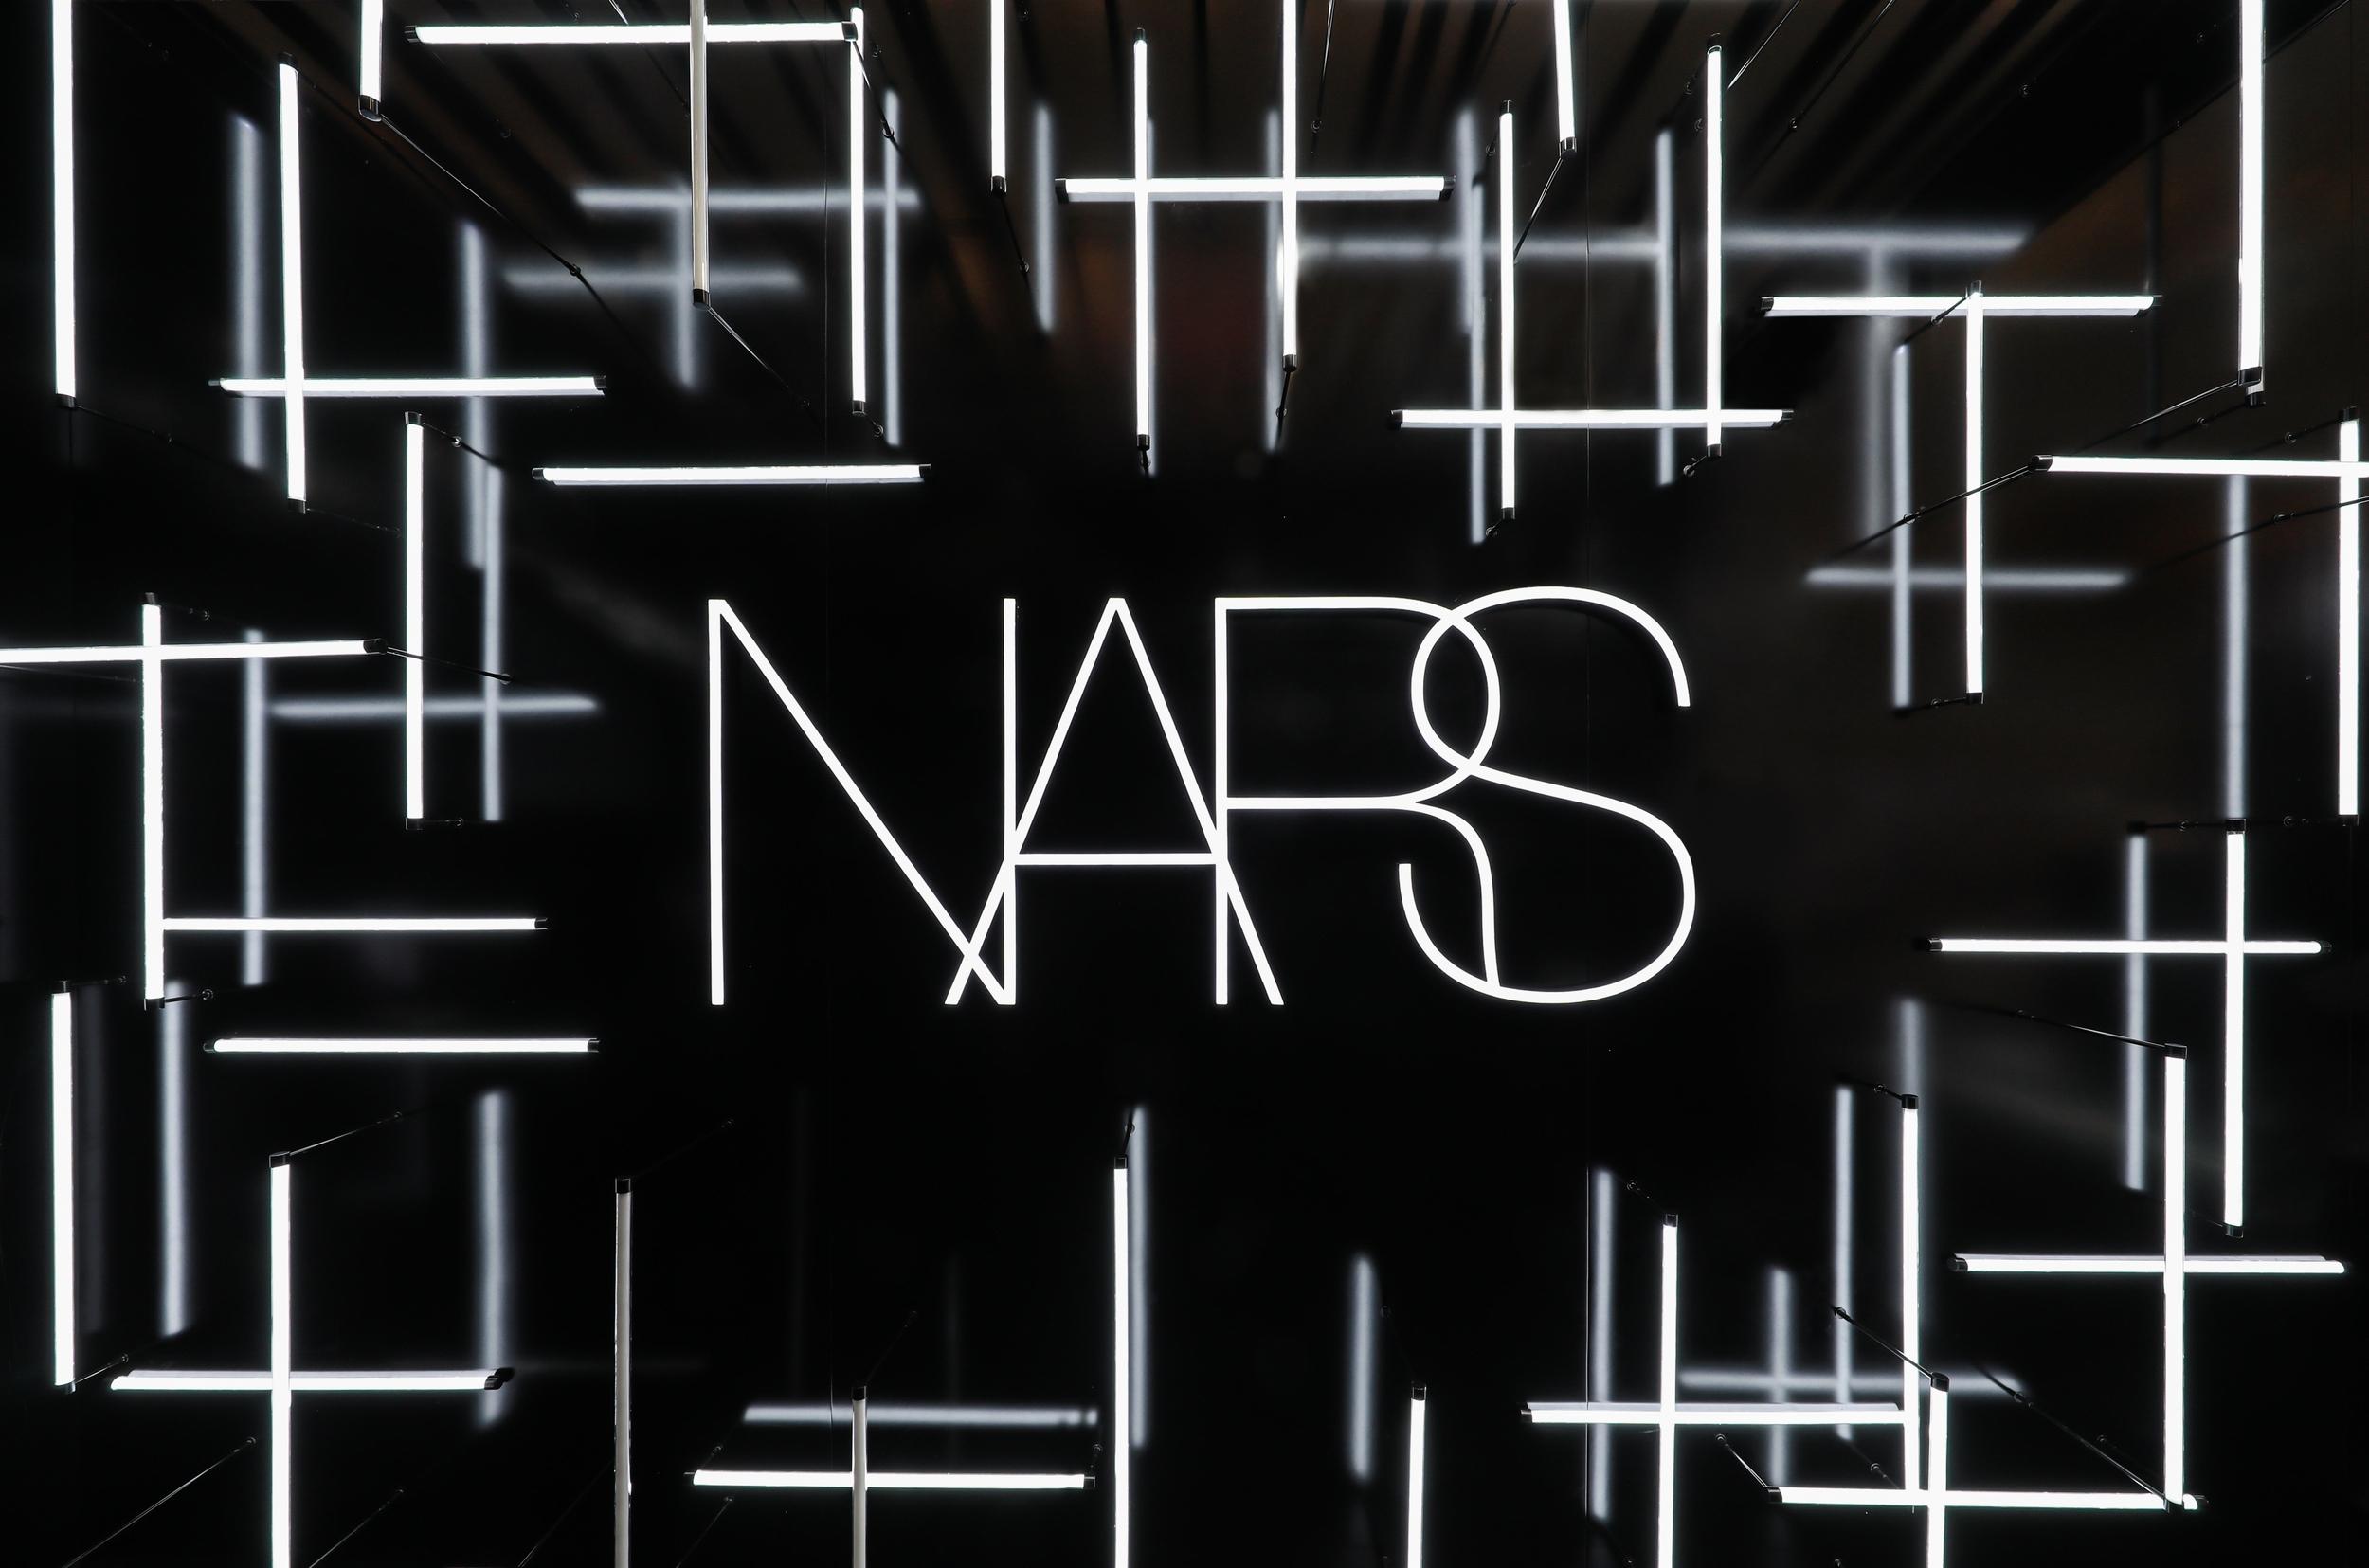 NARS邀您共赴时「光」秘境,探秘无瑕光感底妆